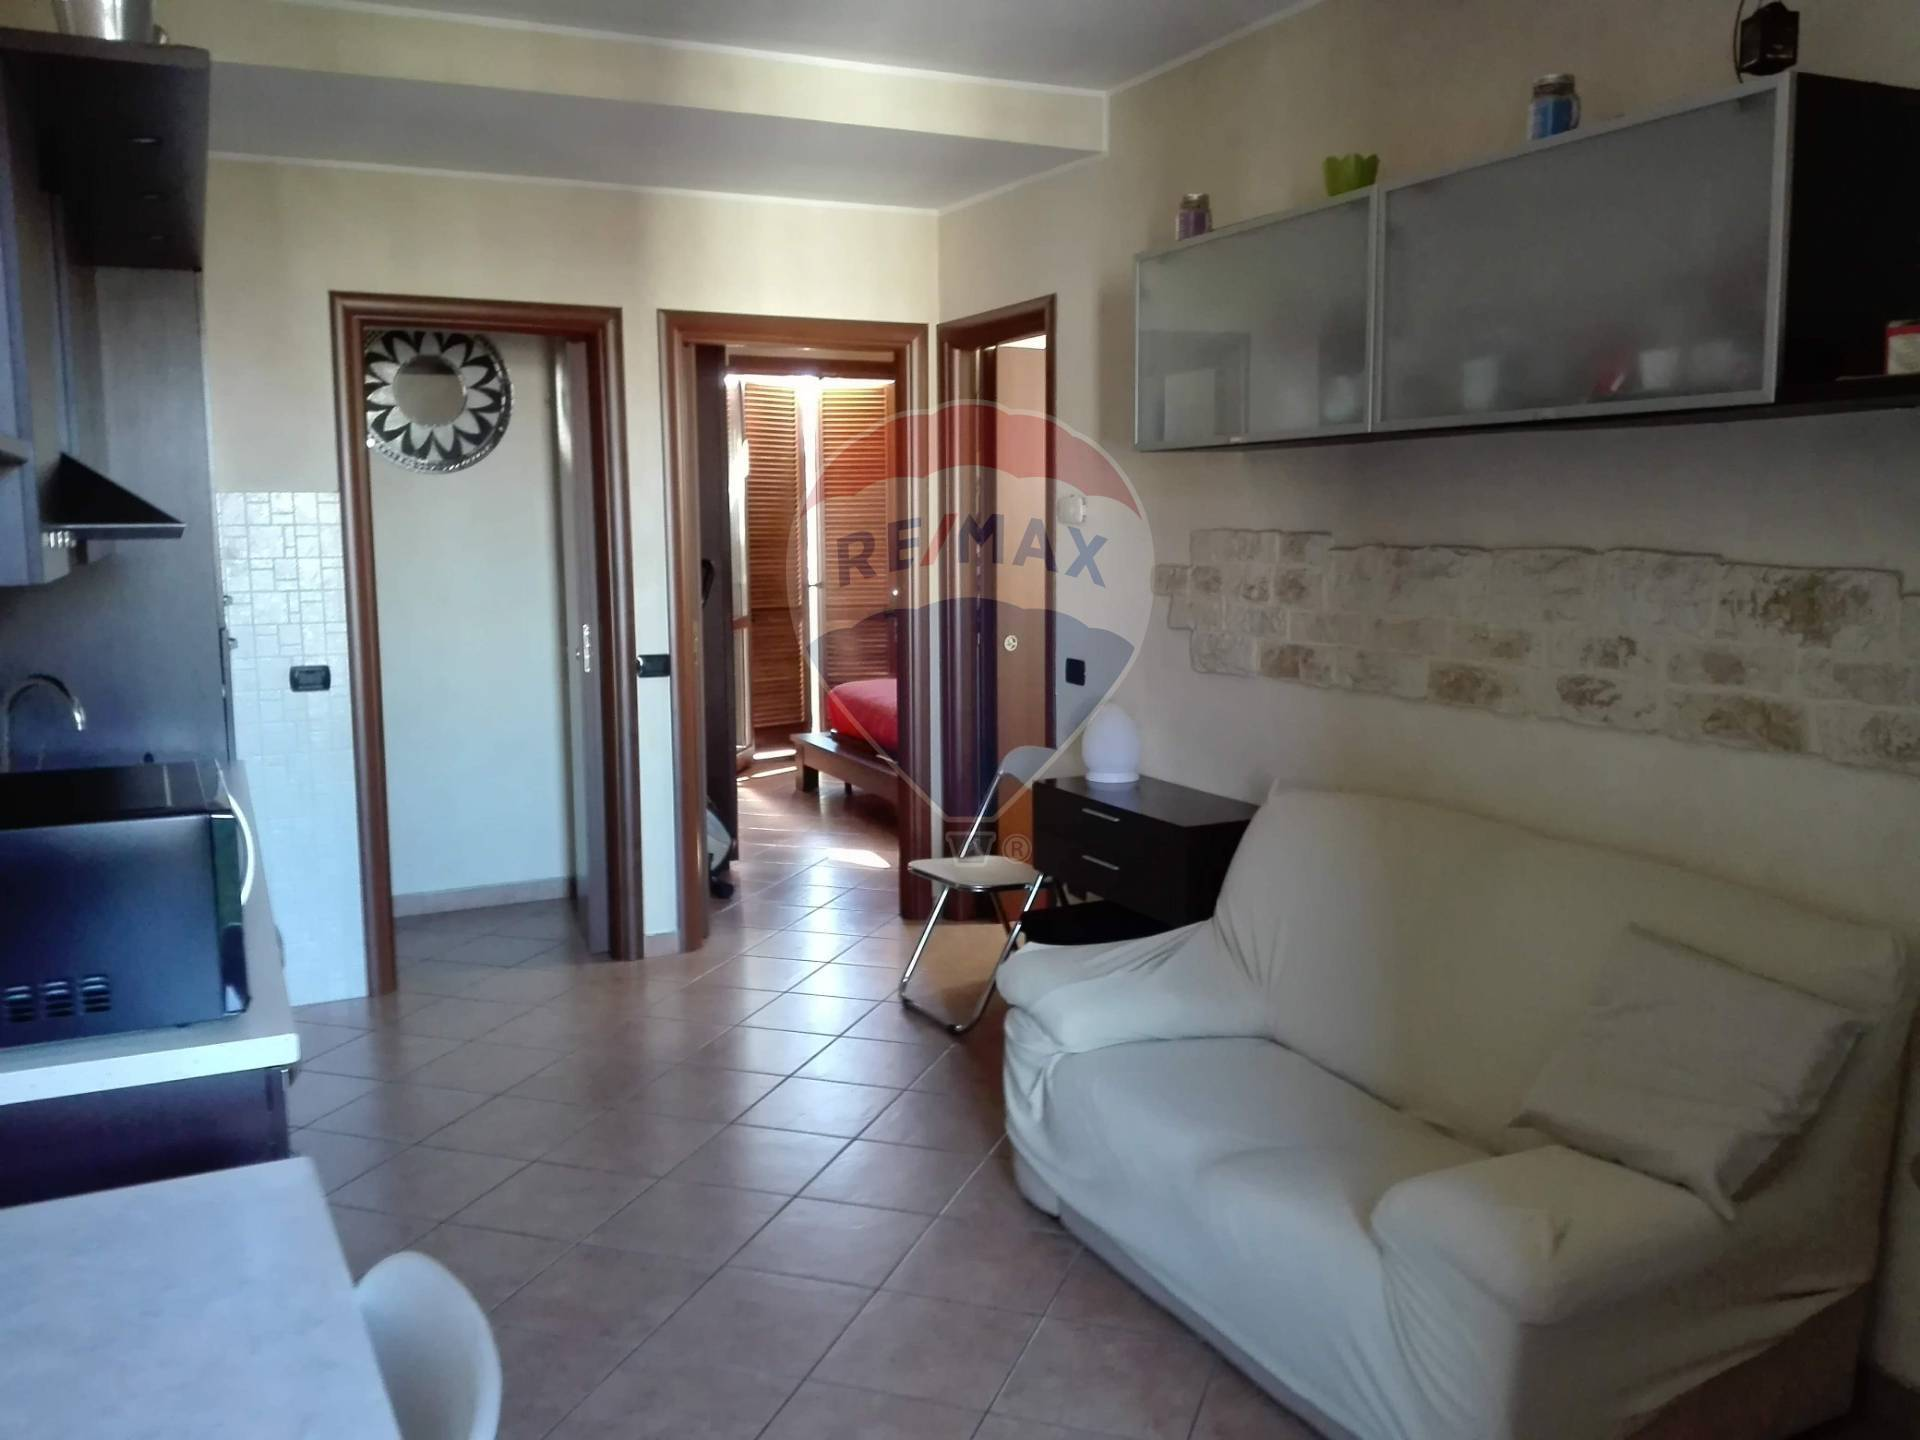 Appartamento in vendita a Desio, 2 locali, prezzo € 122.000 | CambioCasa.it